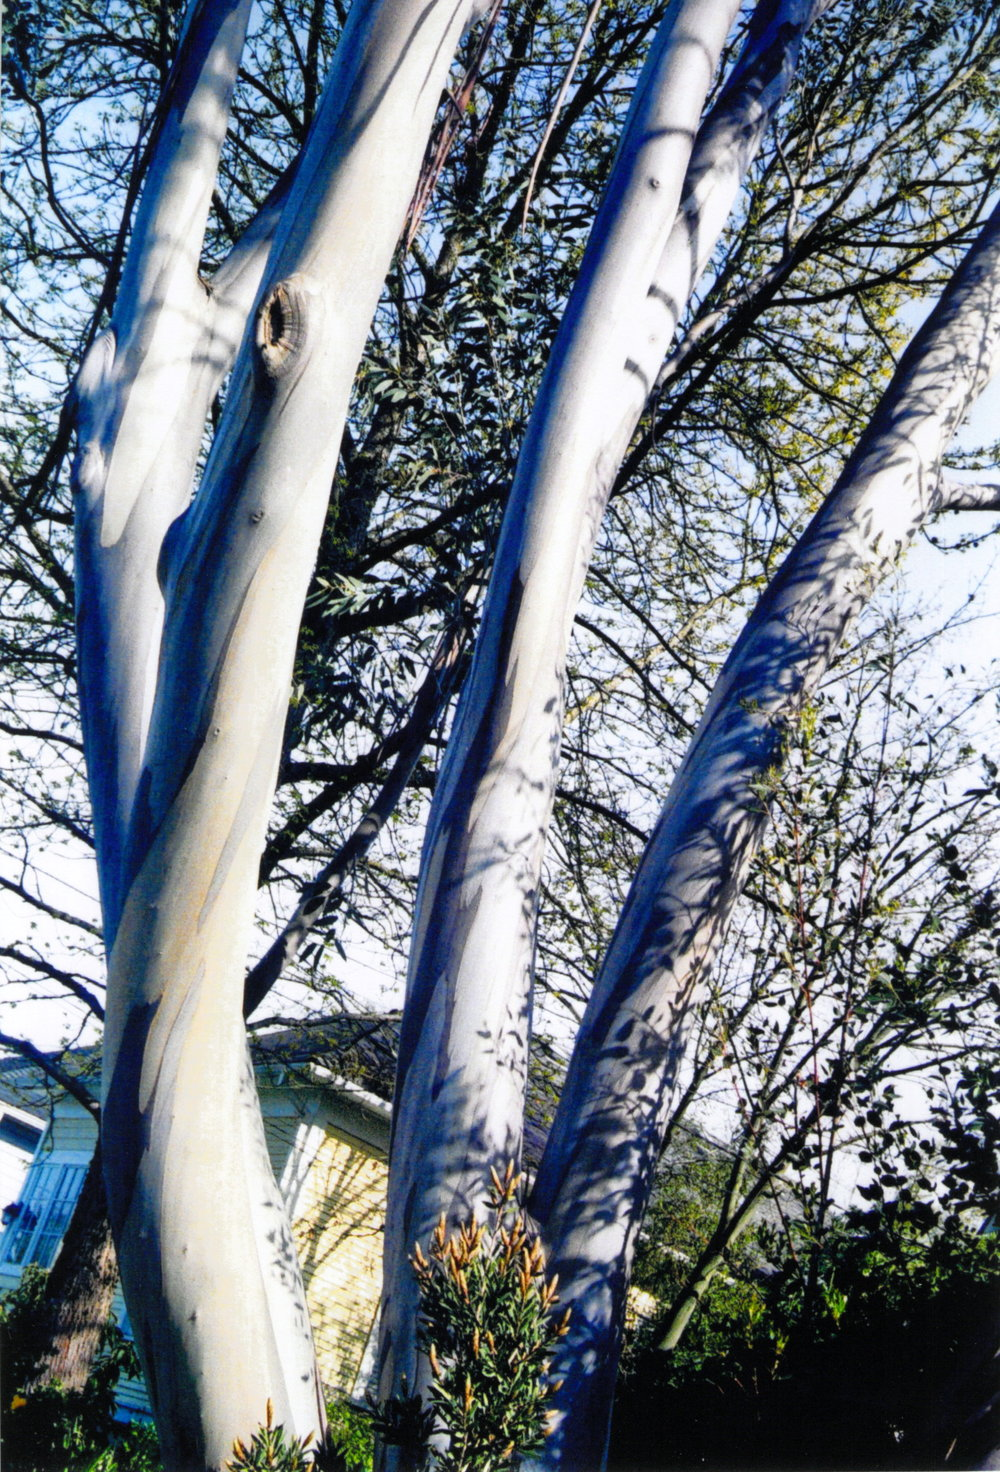 My favorite birch